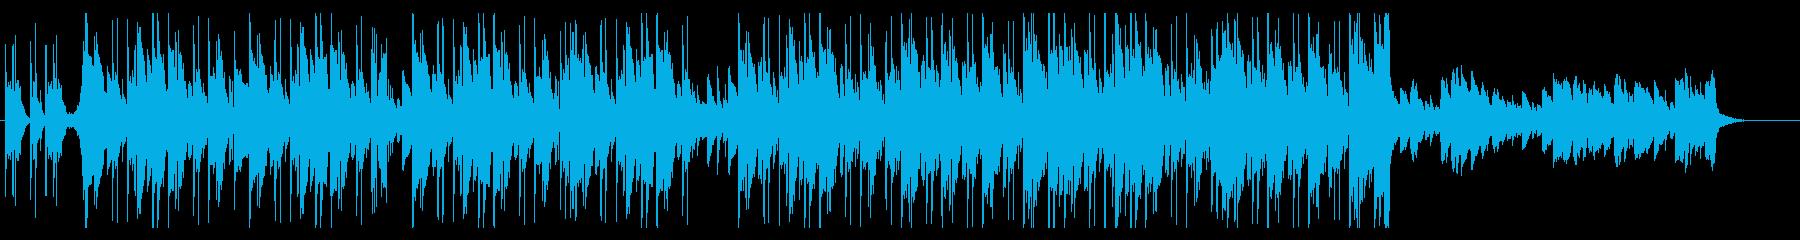 トラップ_切ないピアノ_ヒップホップの再生済みの波形